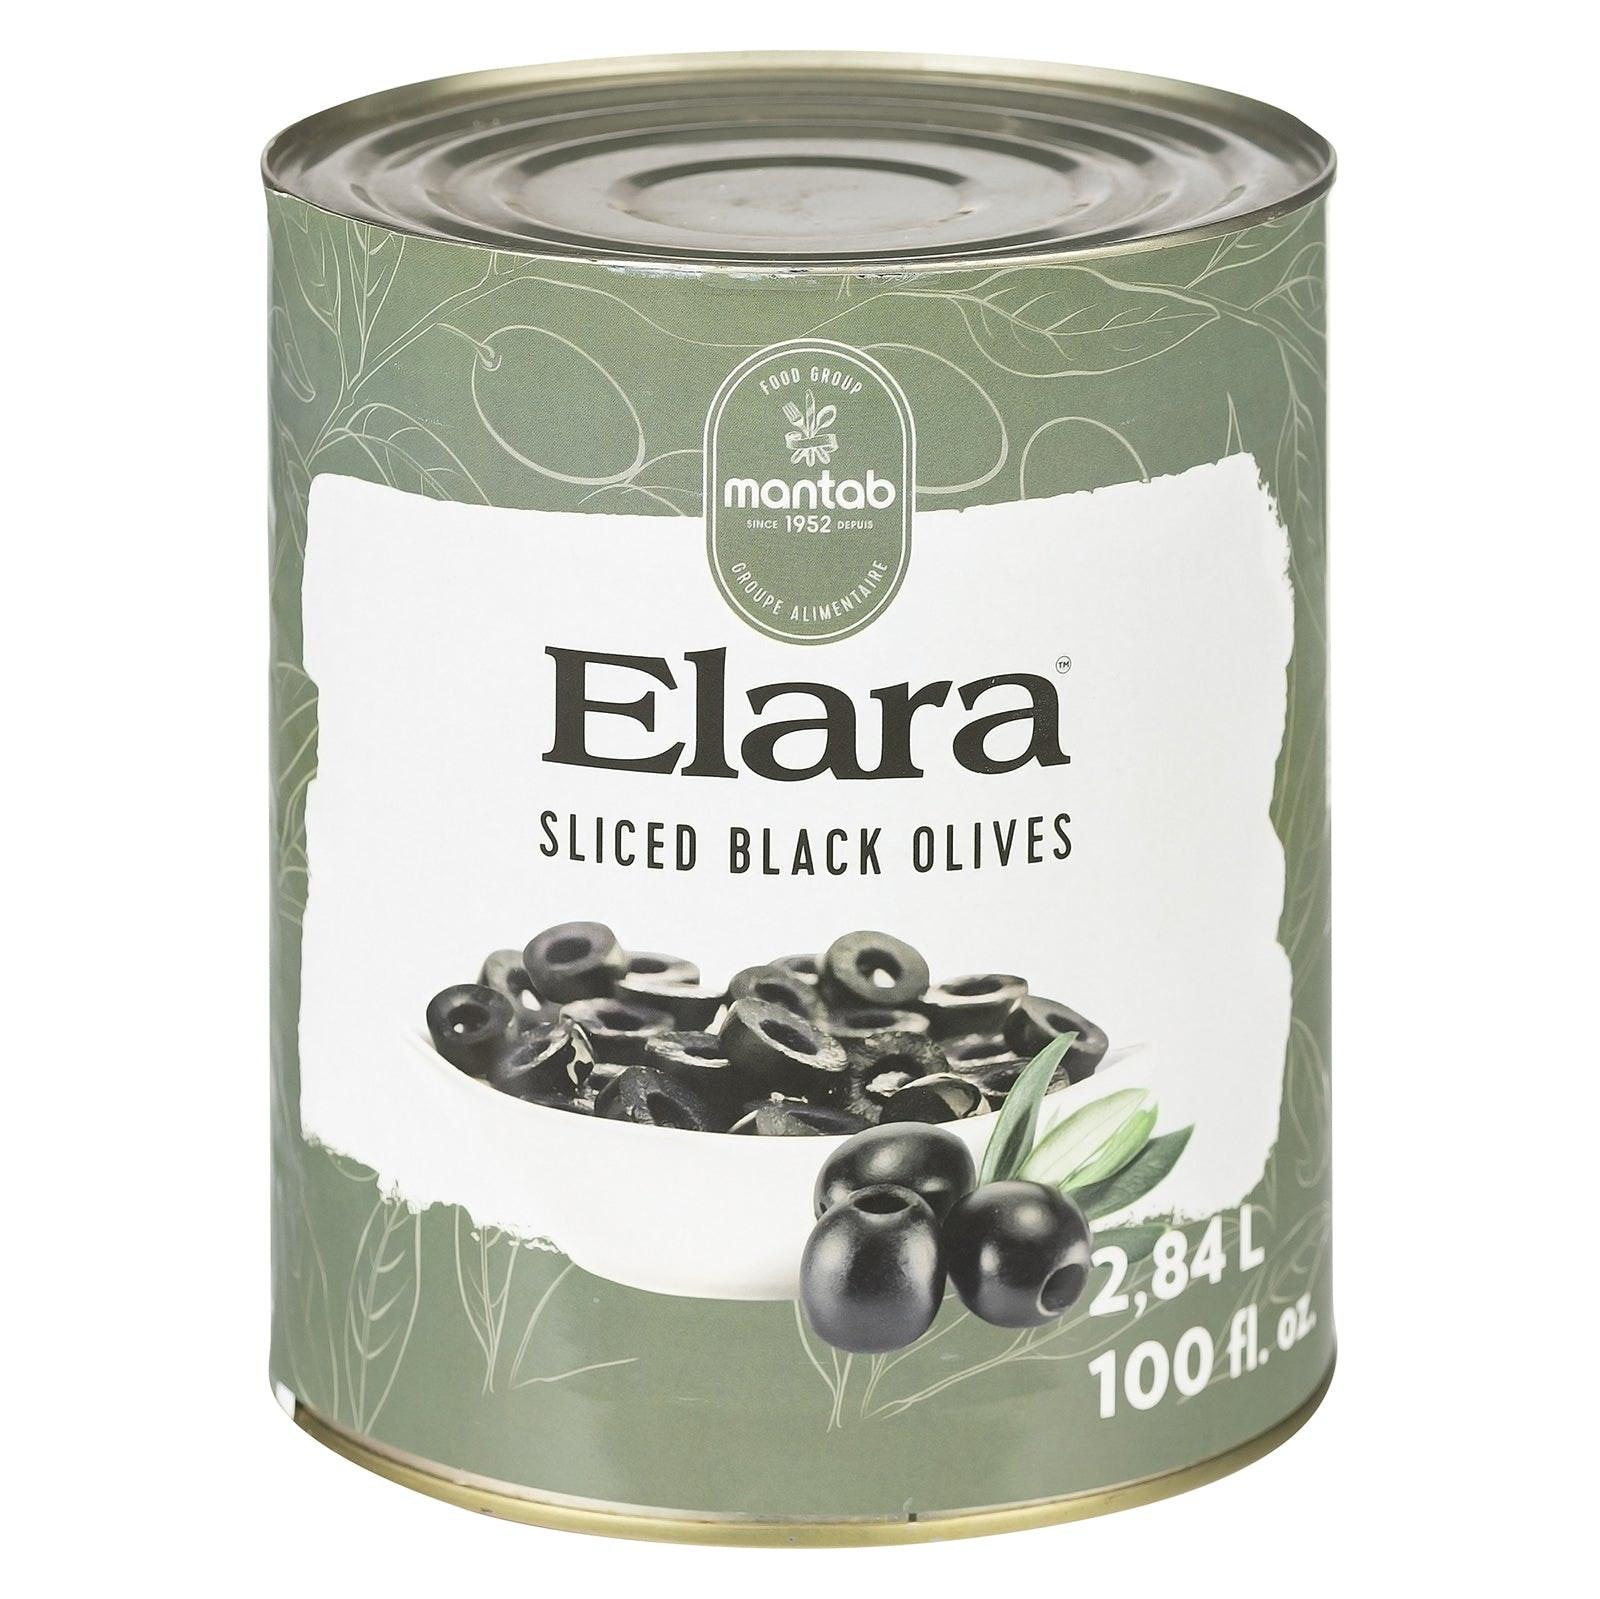 ELARA Sliced black olives